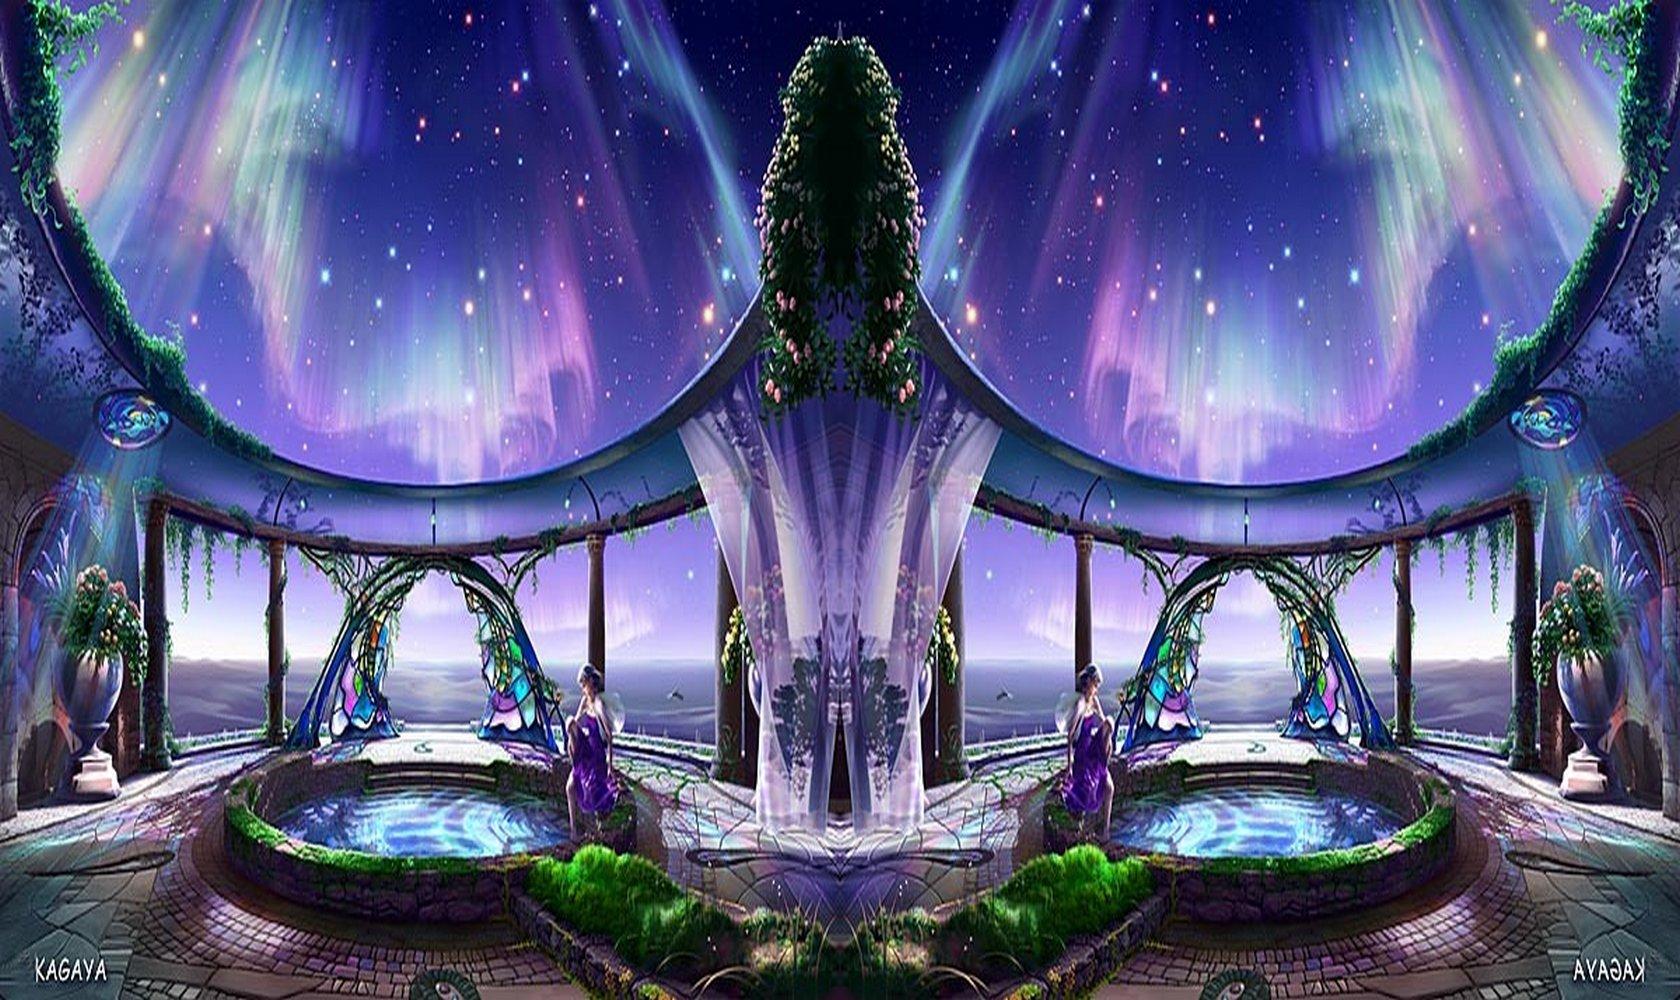 http://moniquebeauchamp.org/img4/astral-1680-1000.jpg